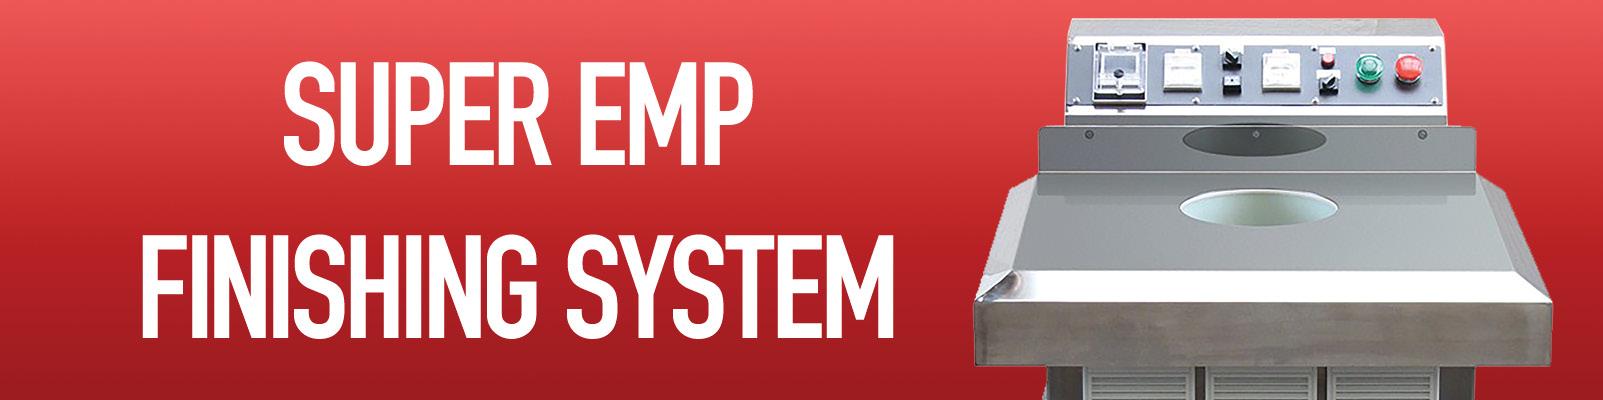 Super EMP Finishing System